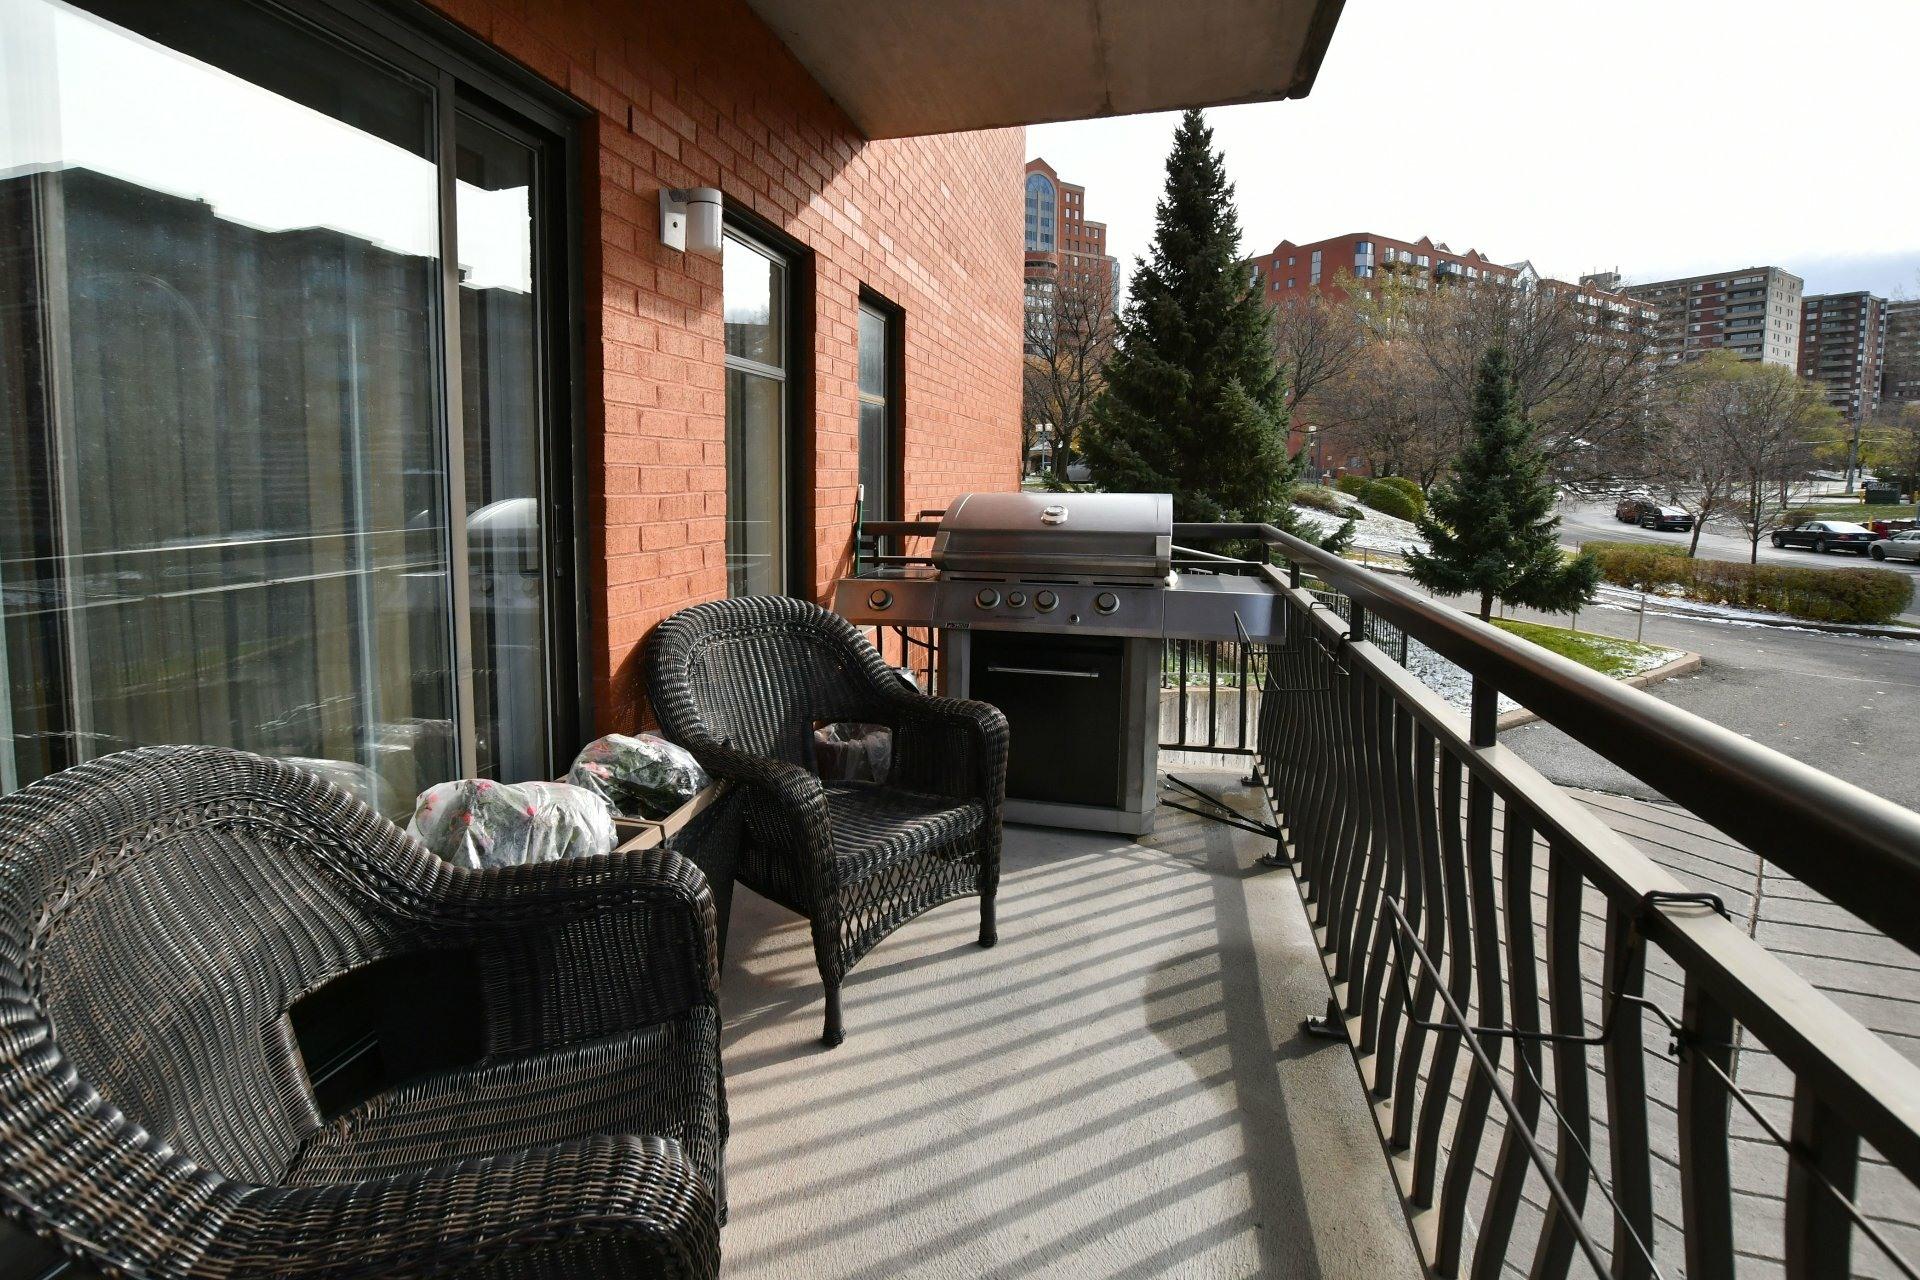 image 16 - Apartment For sale Saint-Laurent Montréal  - 5 rooms